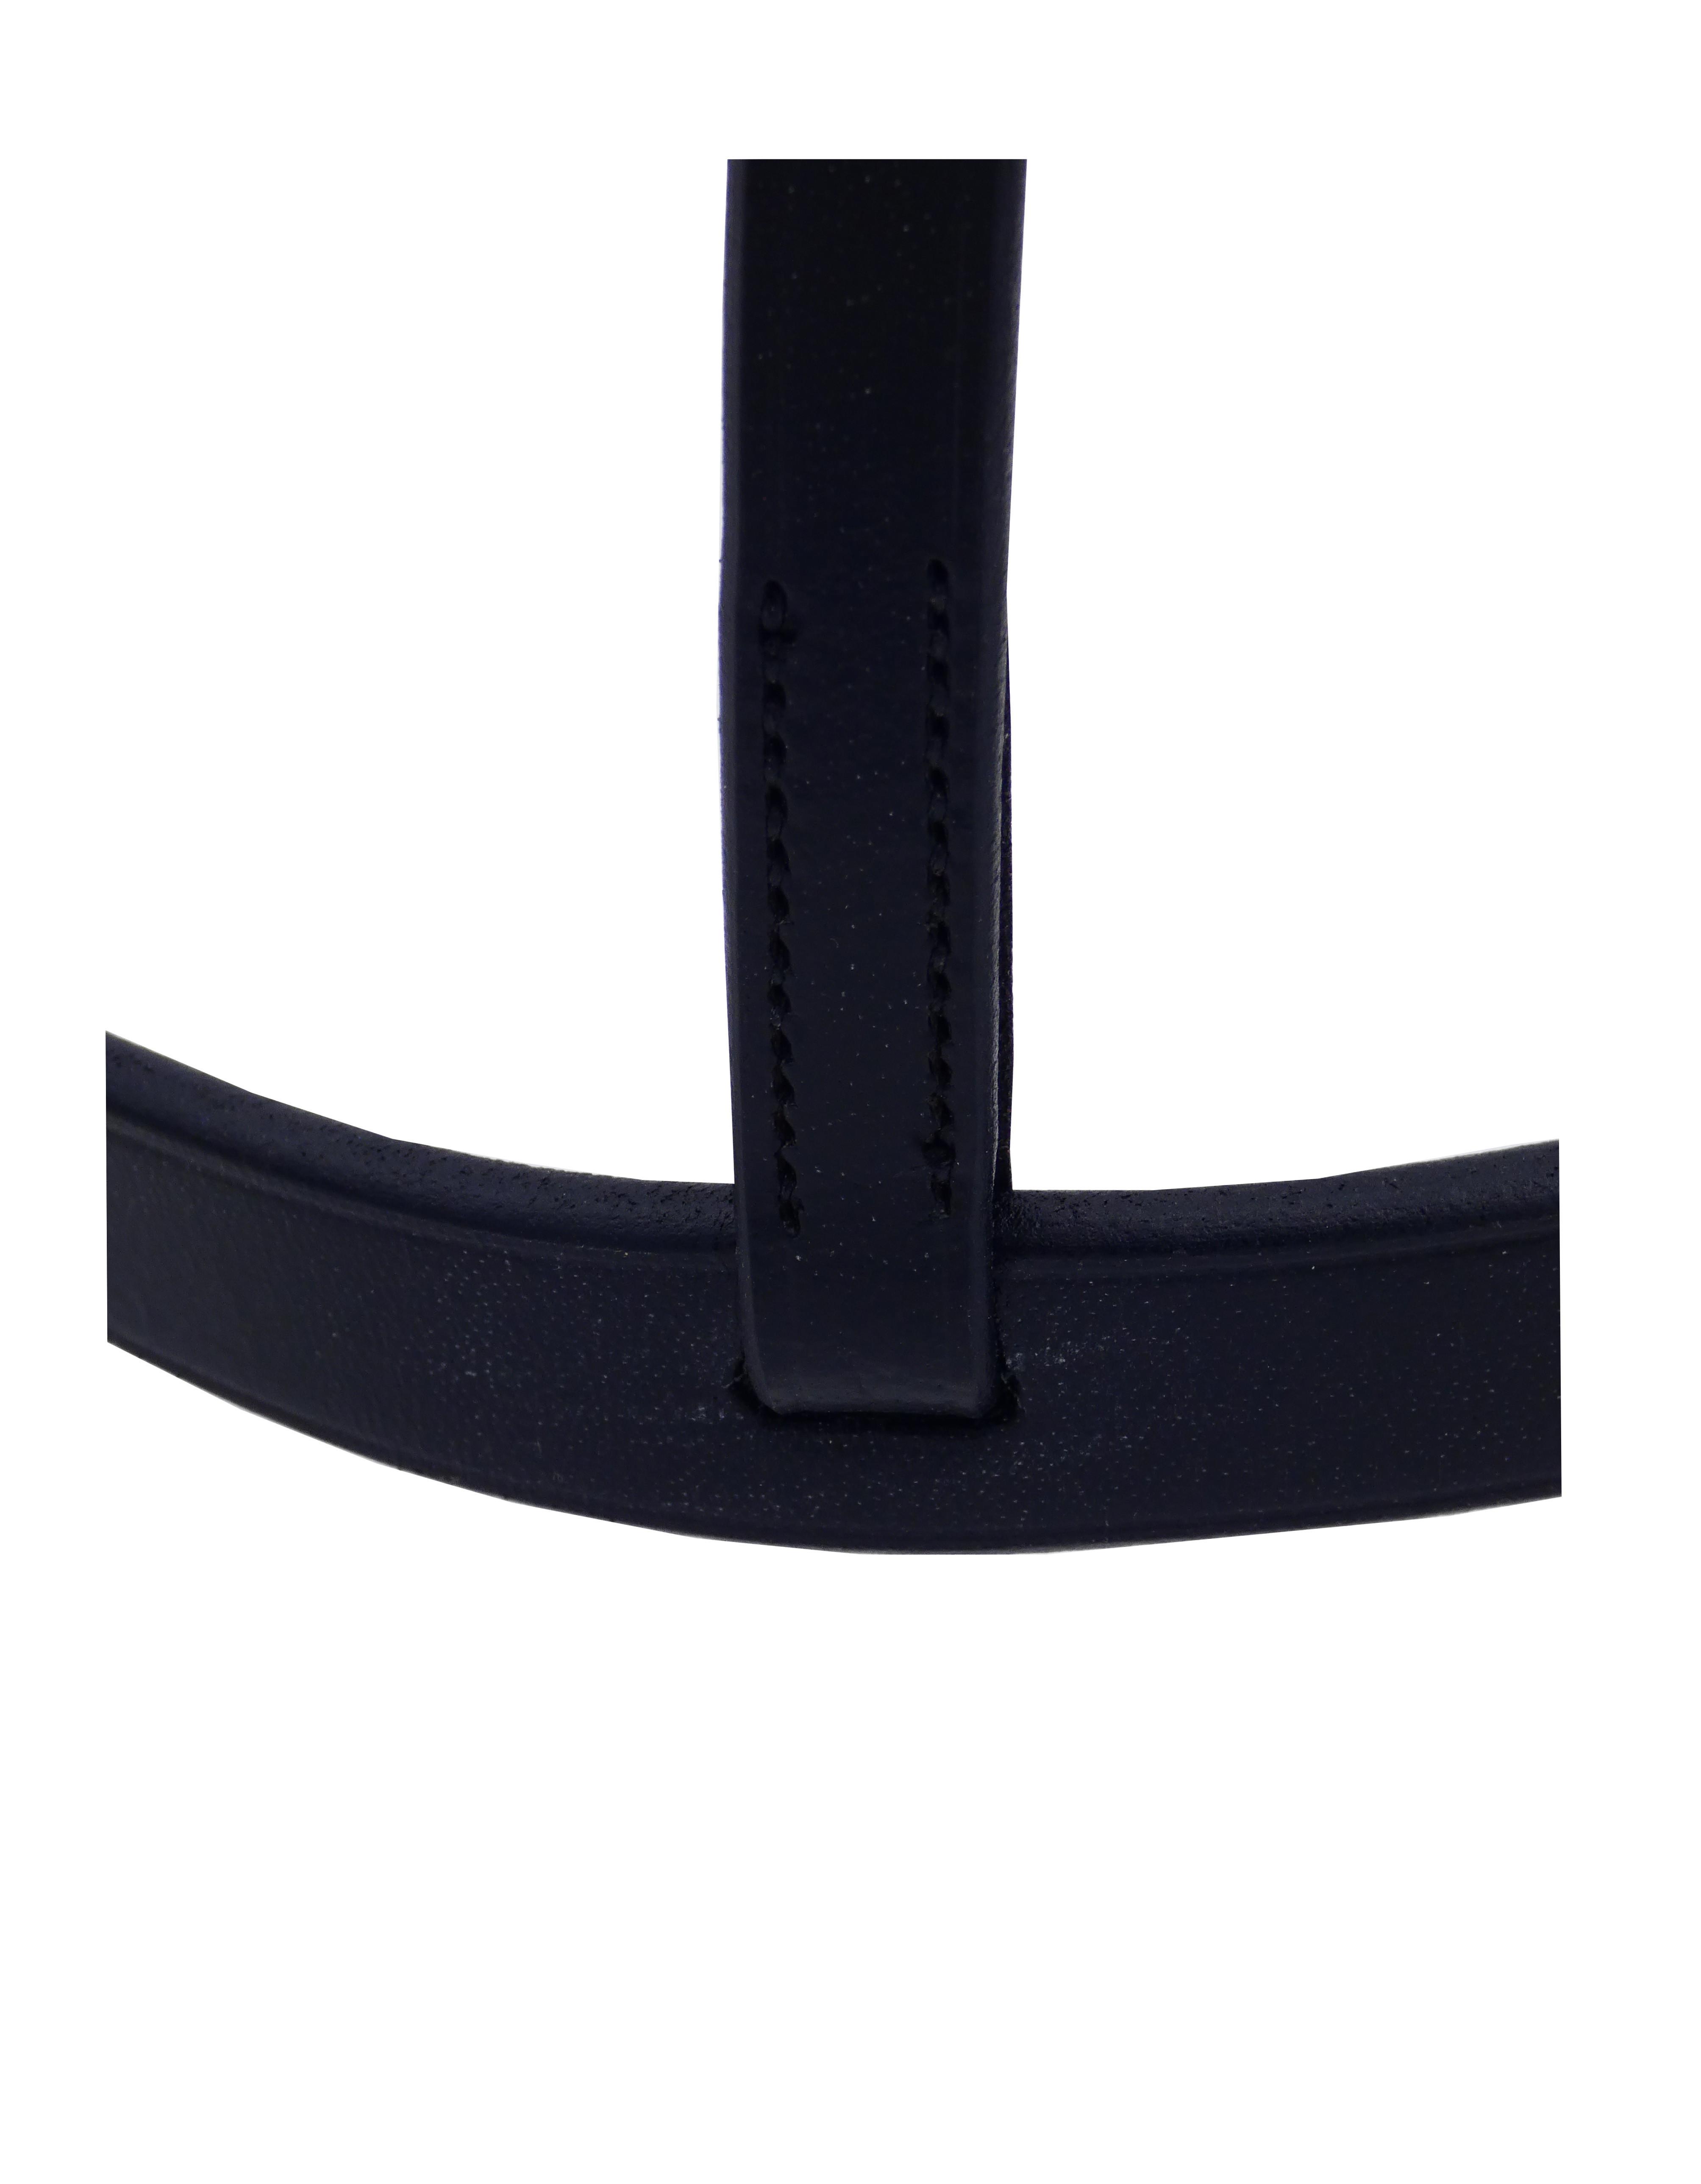 Muserolle cuir large couleur noire